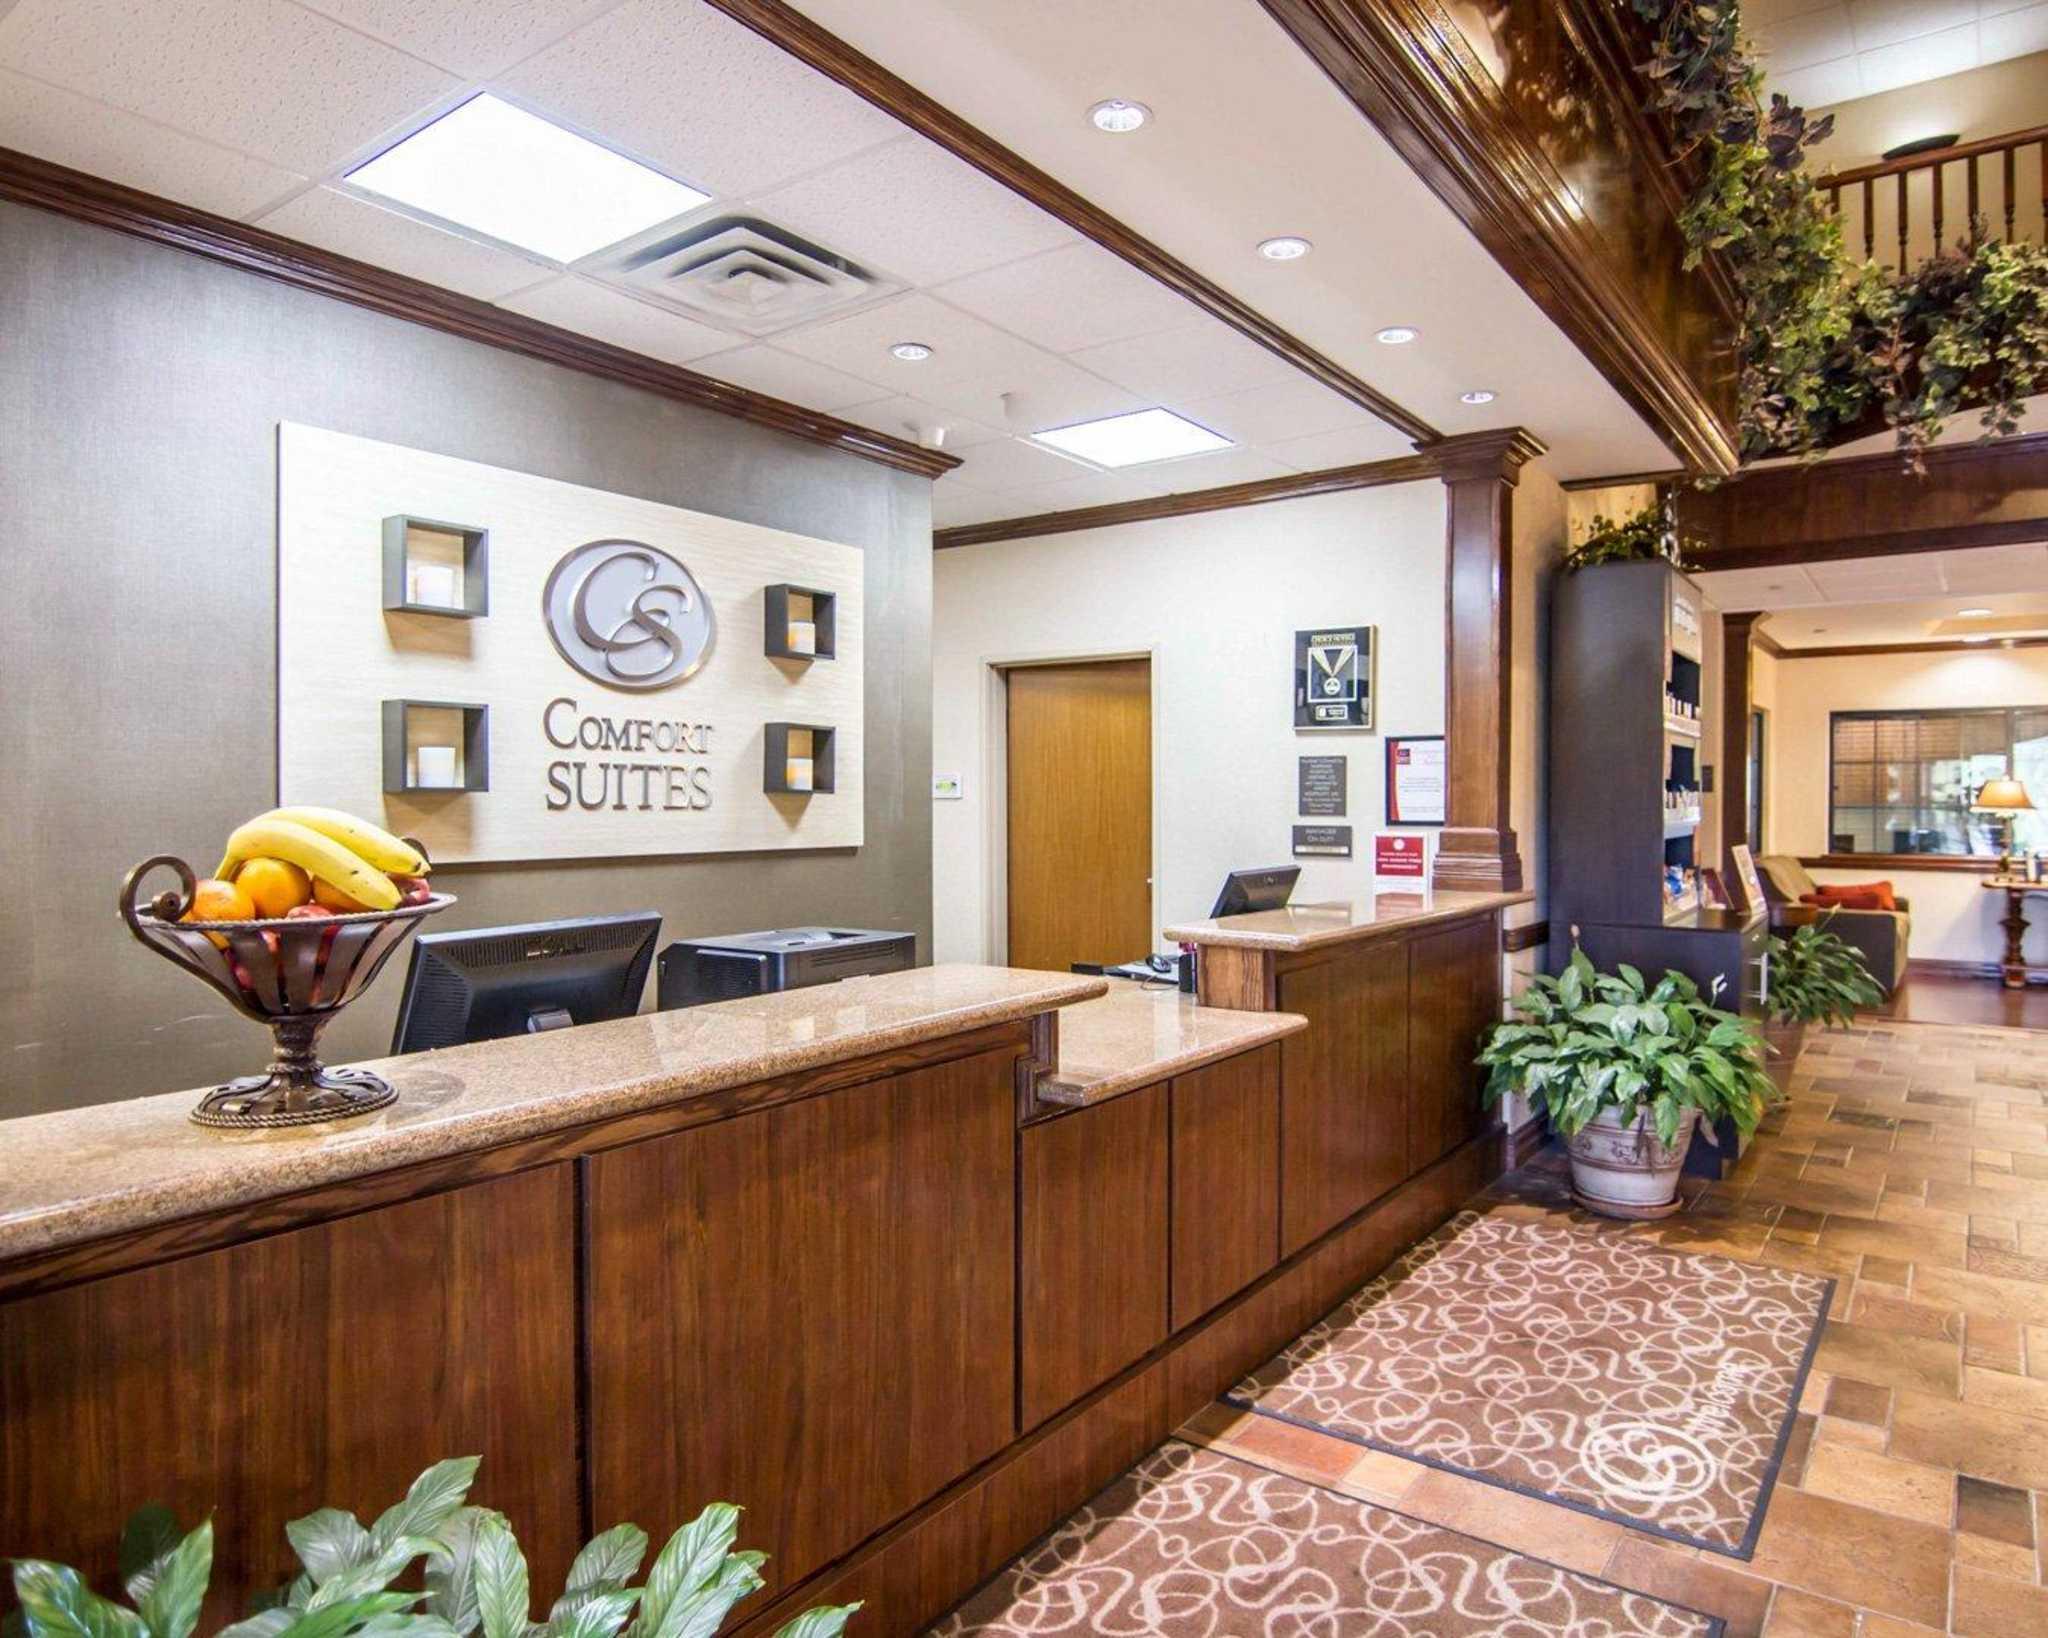 Comfort Suites Marshall image 9